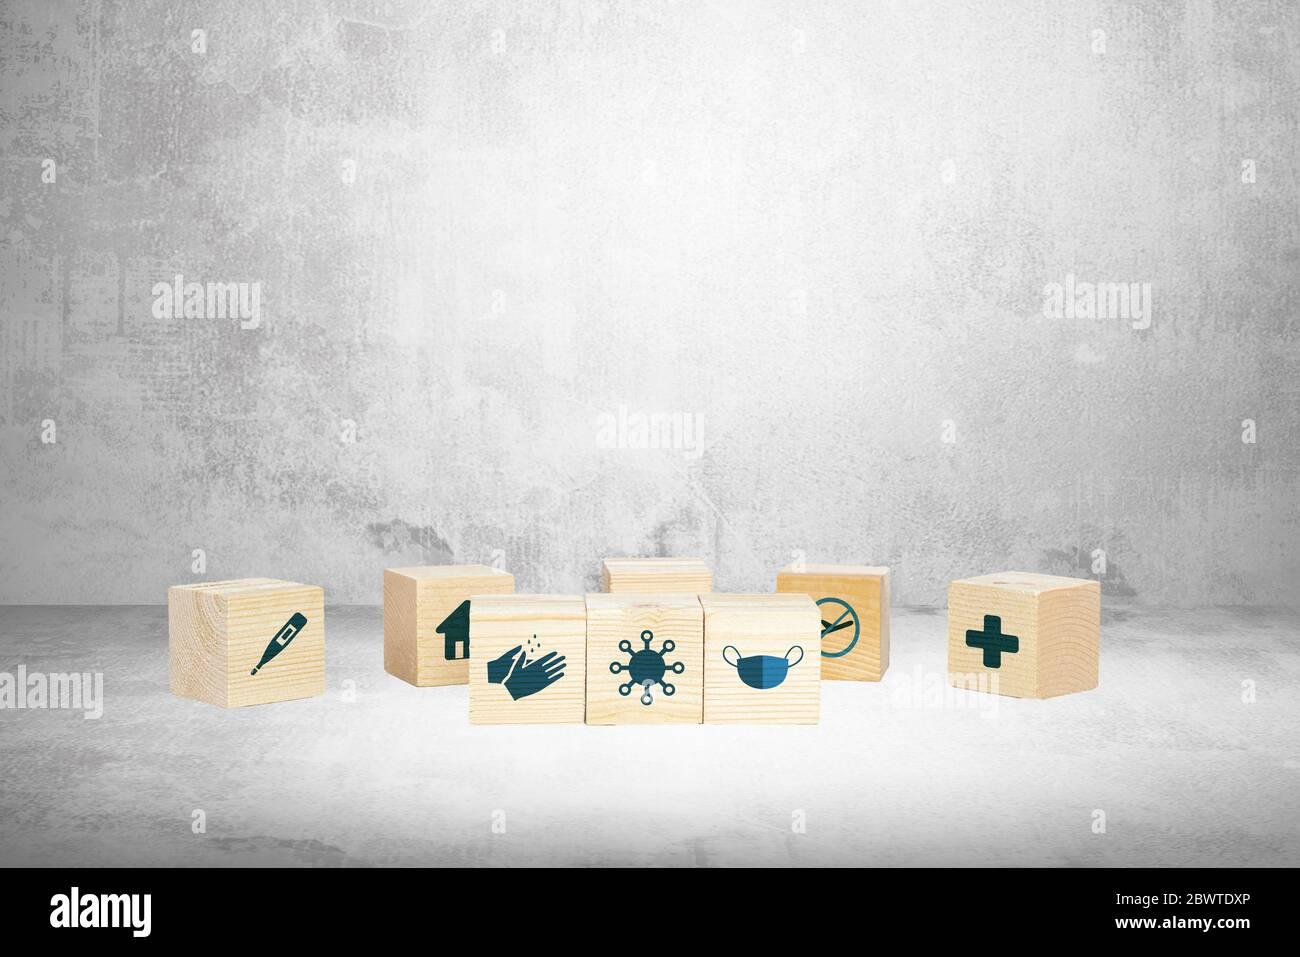 Protección contra coronavirus. Bloques de madera con métodos para prevenir la infección por coronavirus. Concepto médico y farmacéutico, protección de la salud y. Foto de stock